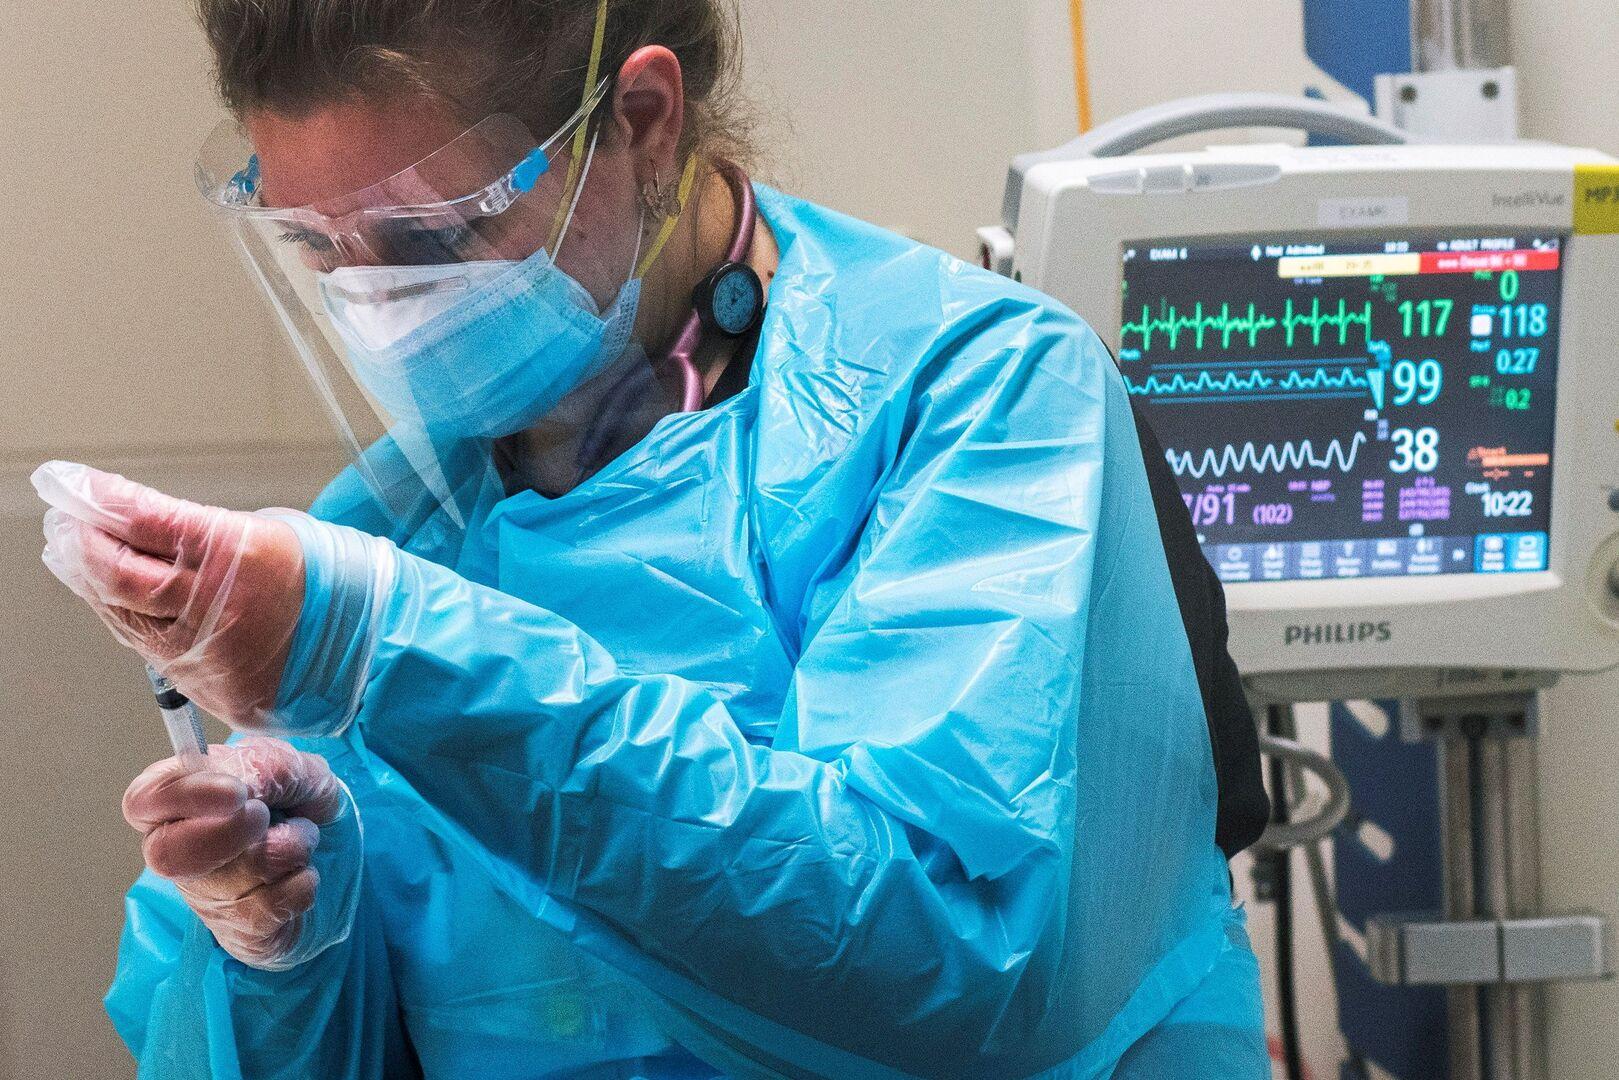 مسؤولون صحيون أمريكيون ينفون رصد نوع جديد من فيروس كورونا أكثر خطورة